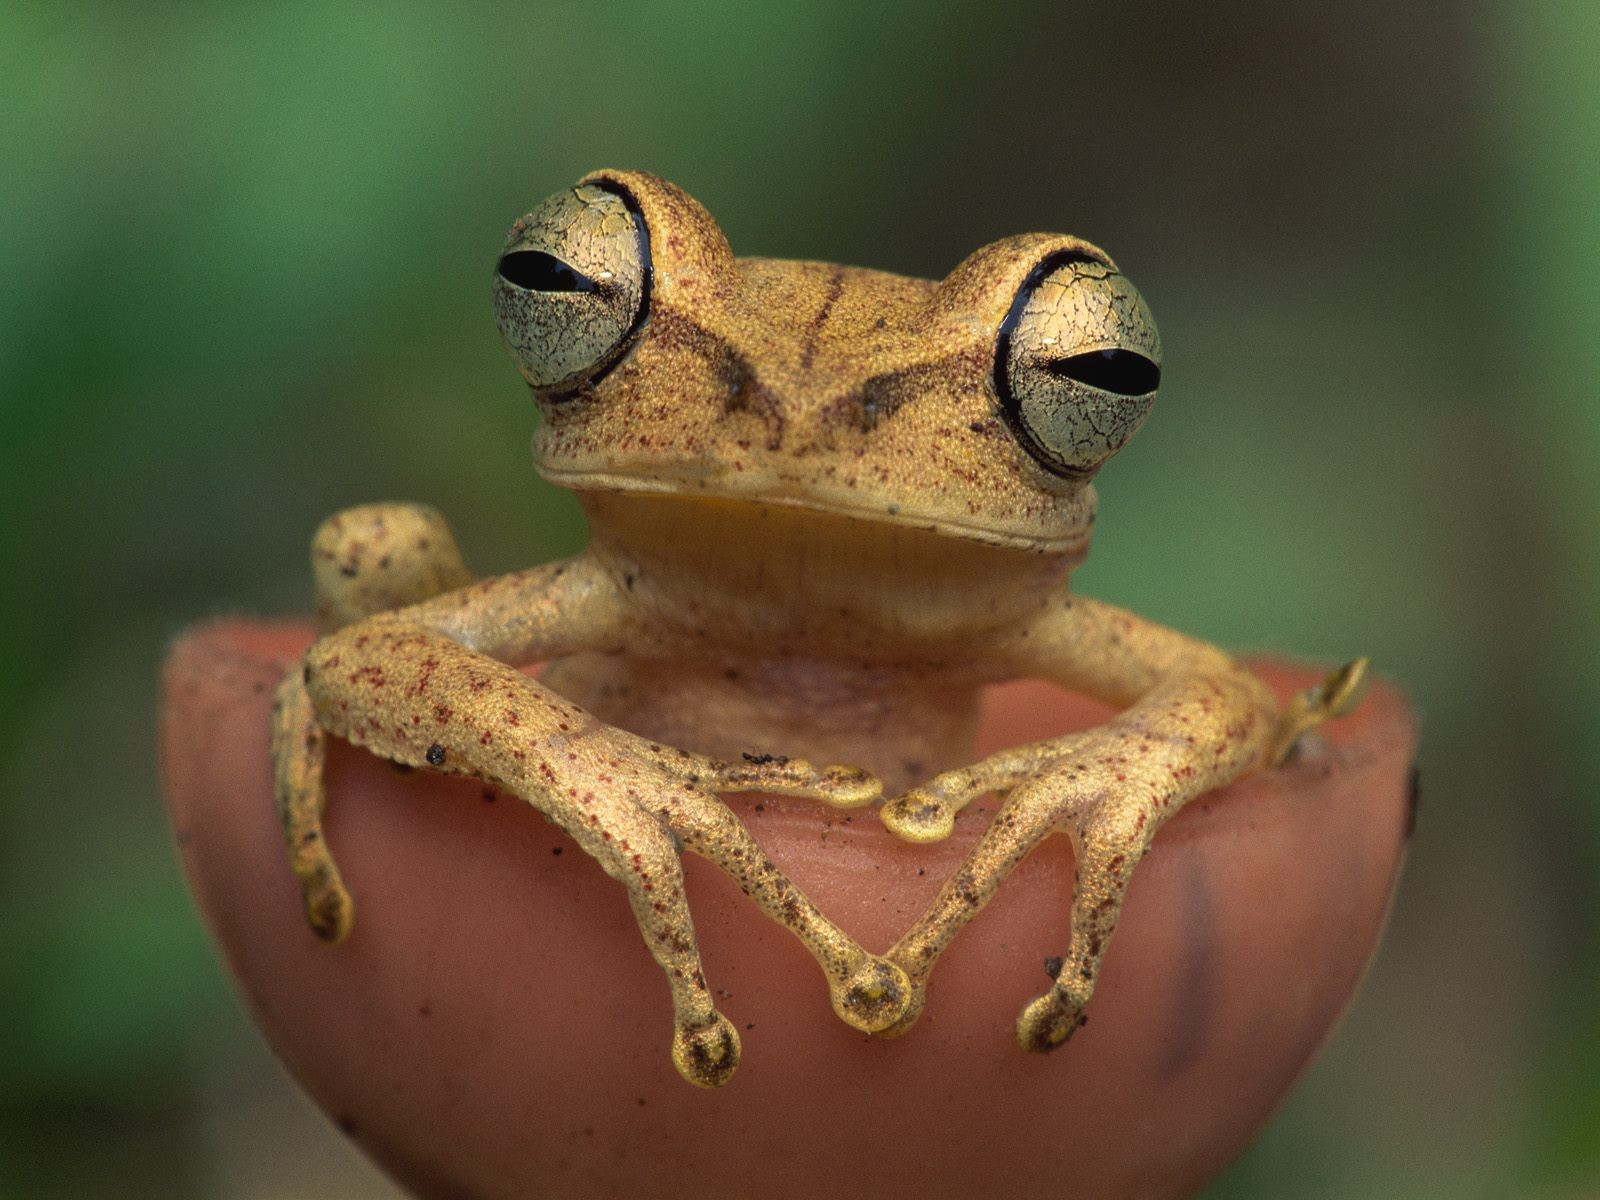 занимается картинки на телефон с жабами называется